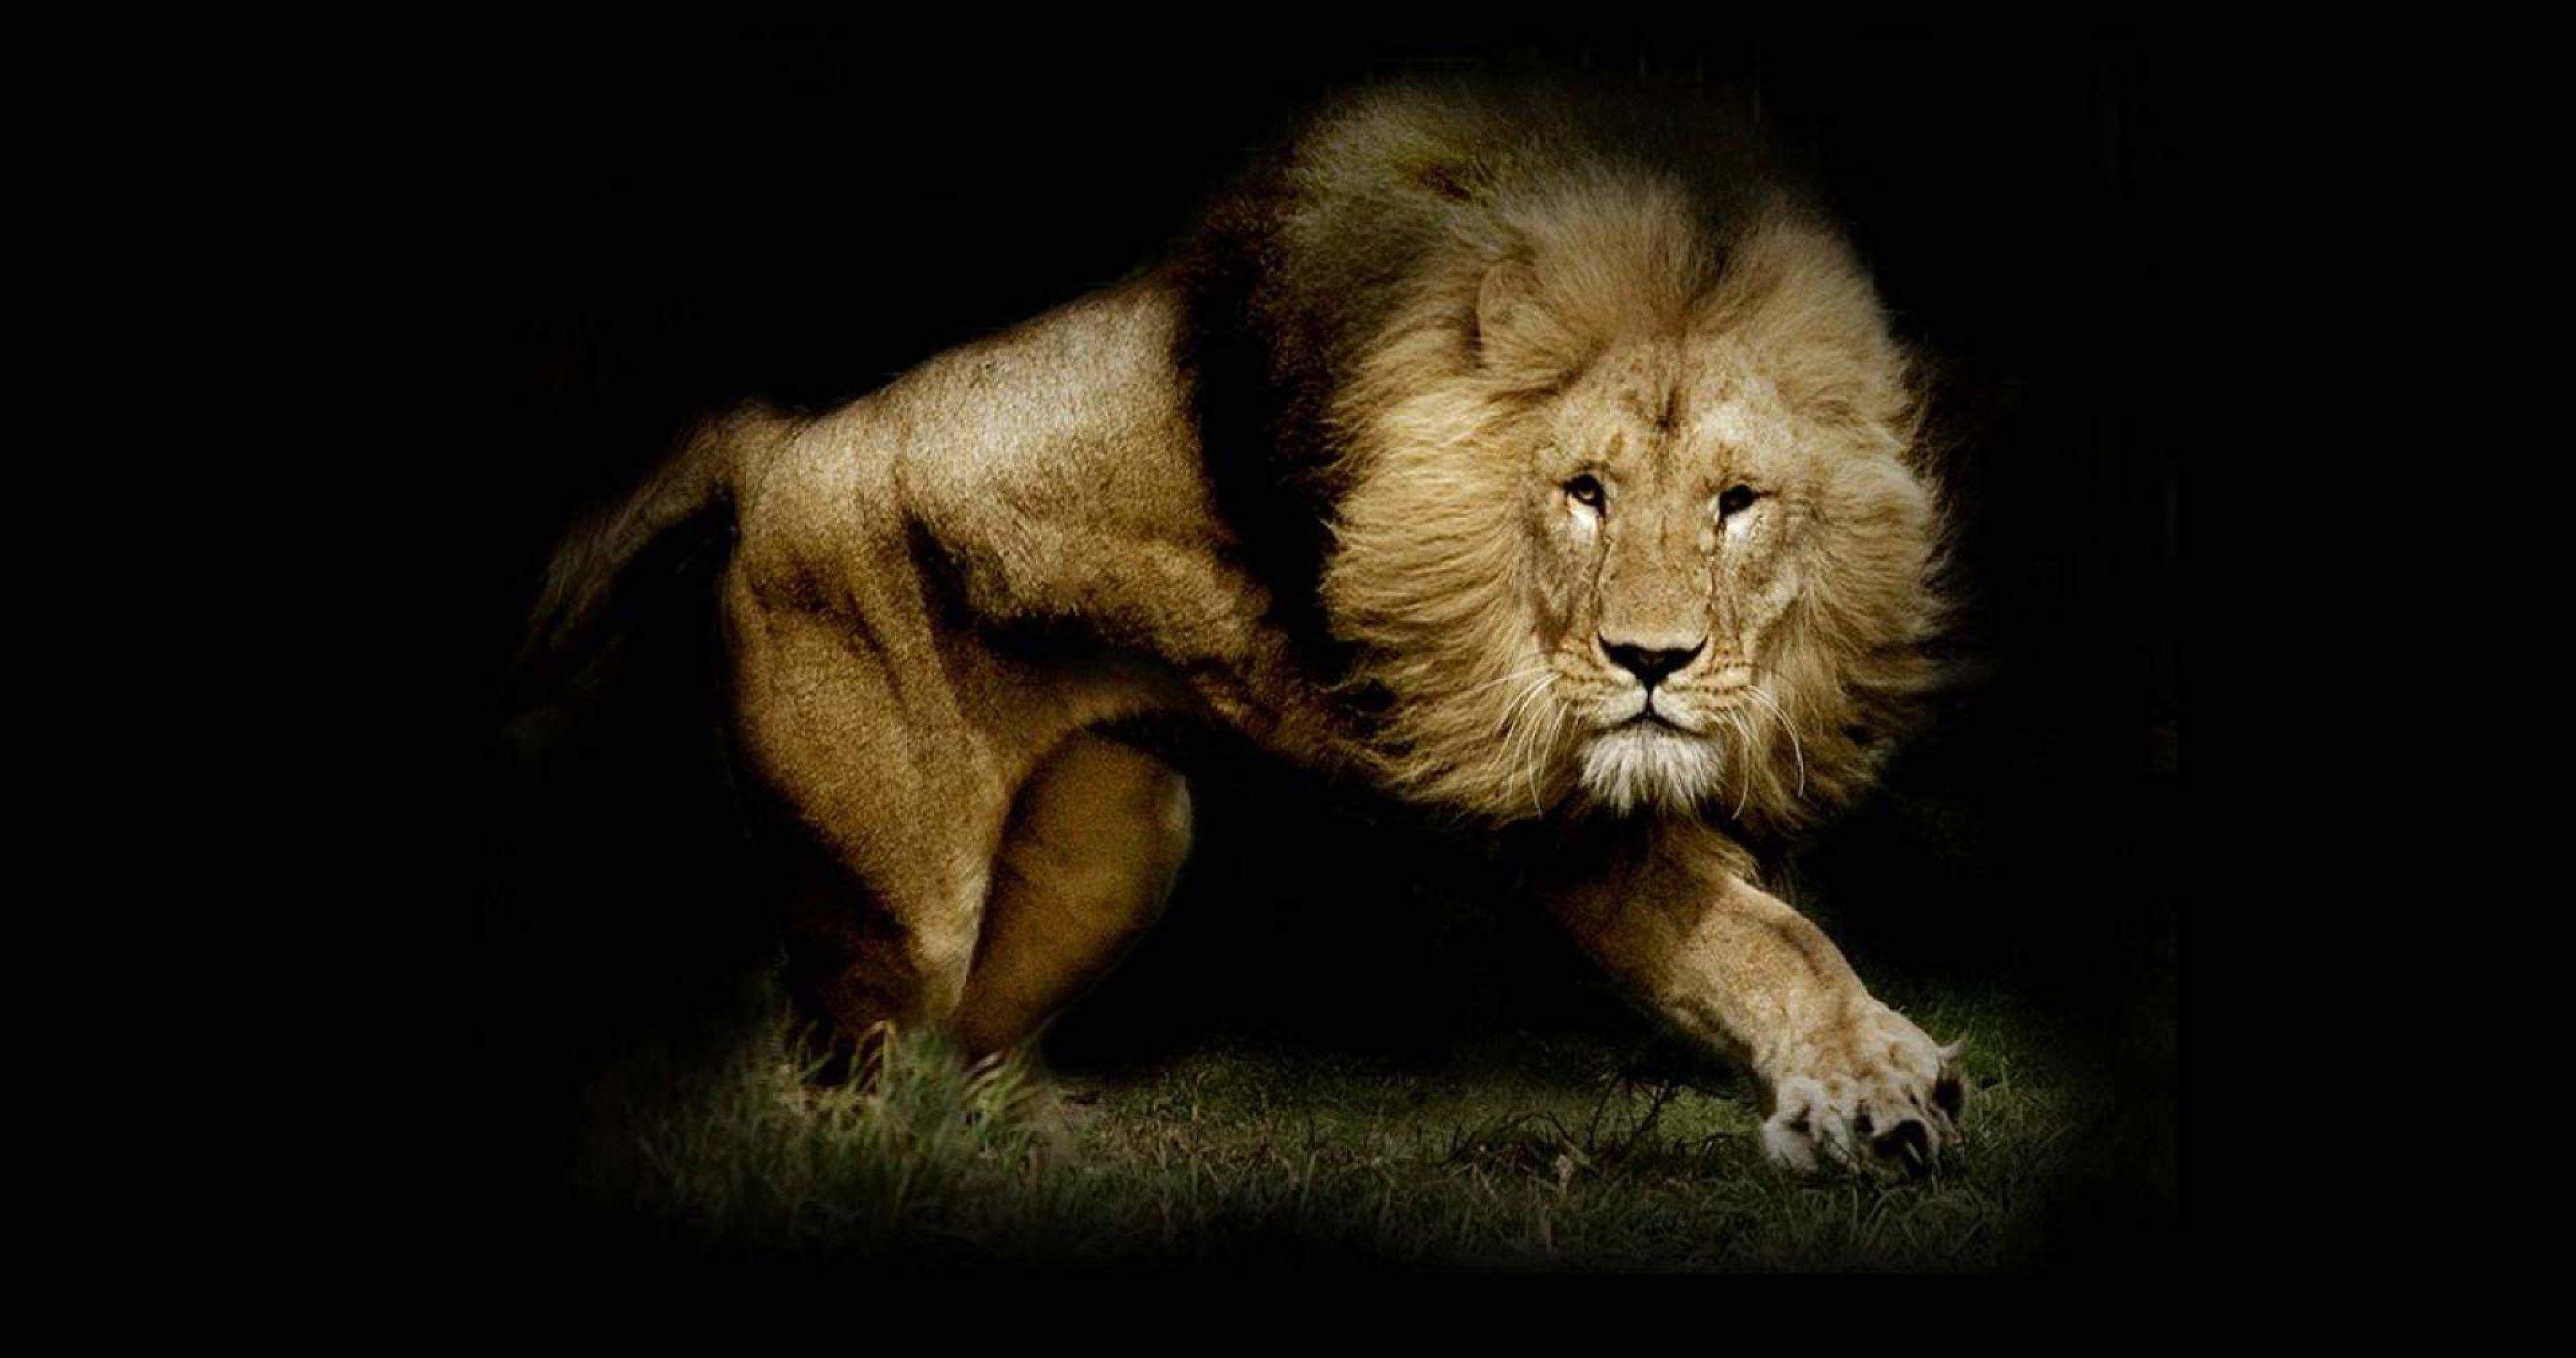 Strong Lion Wallpaper Hd 4k Ultra Hd Wallpaper Lion